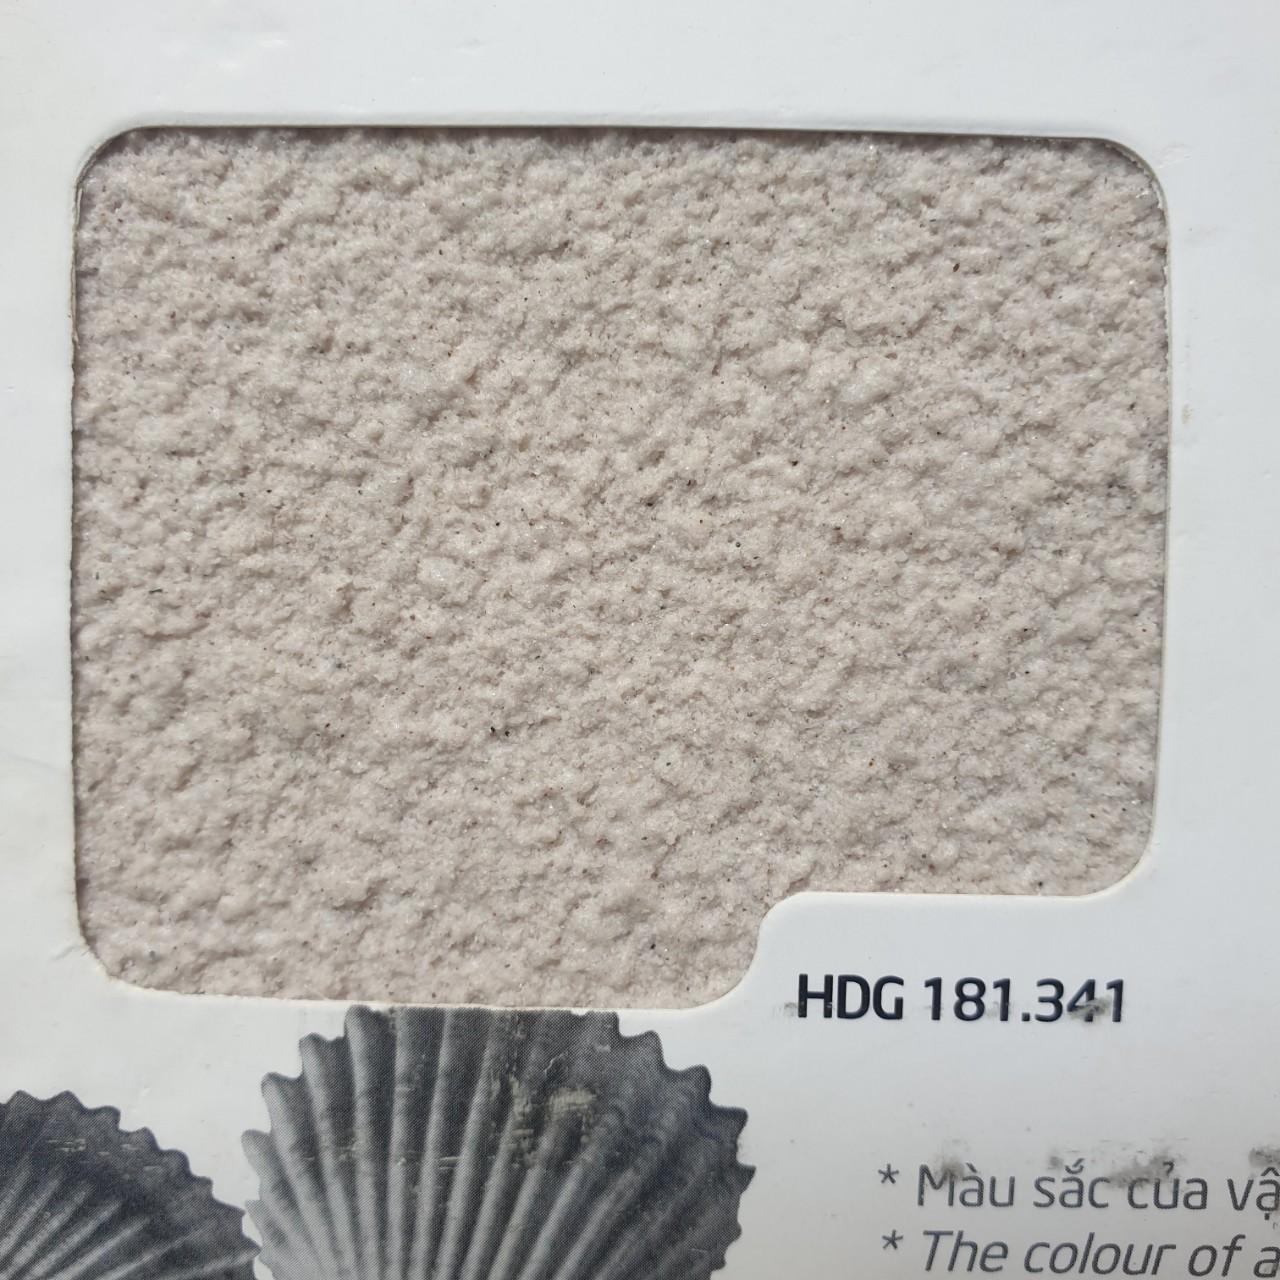 SƠN ĐƠN SẮC HDG 181.341